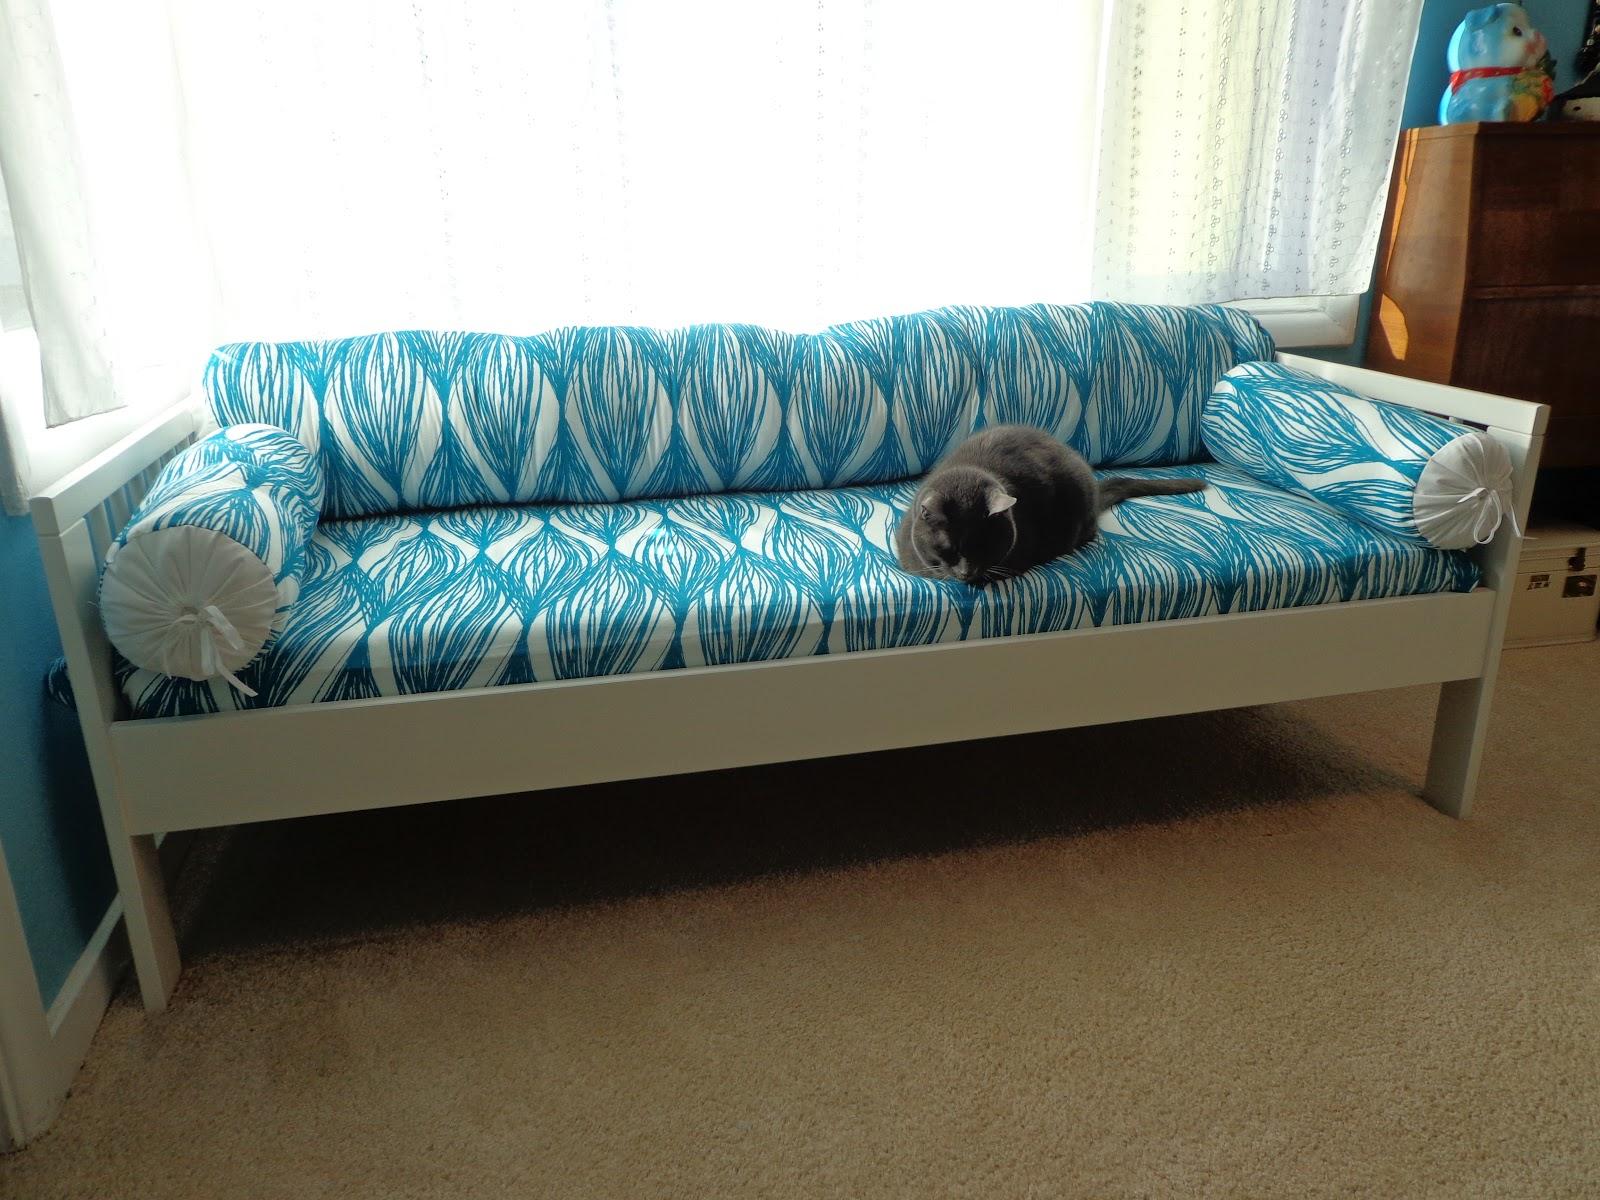 sewing is hard i hack ikea. Black Bedroom Furniture Sets. Home Design Ideas